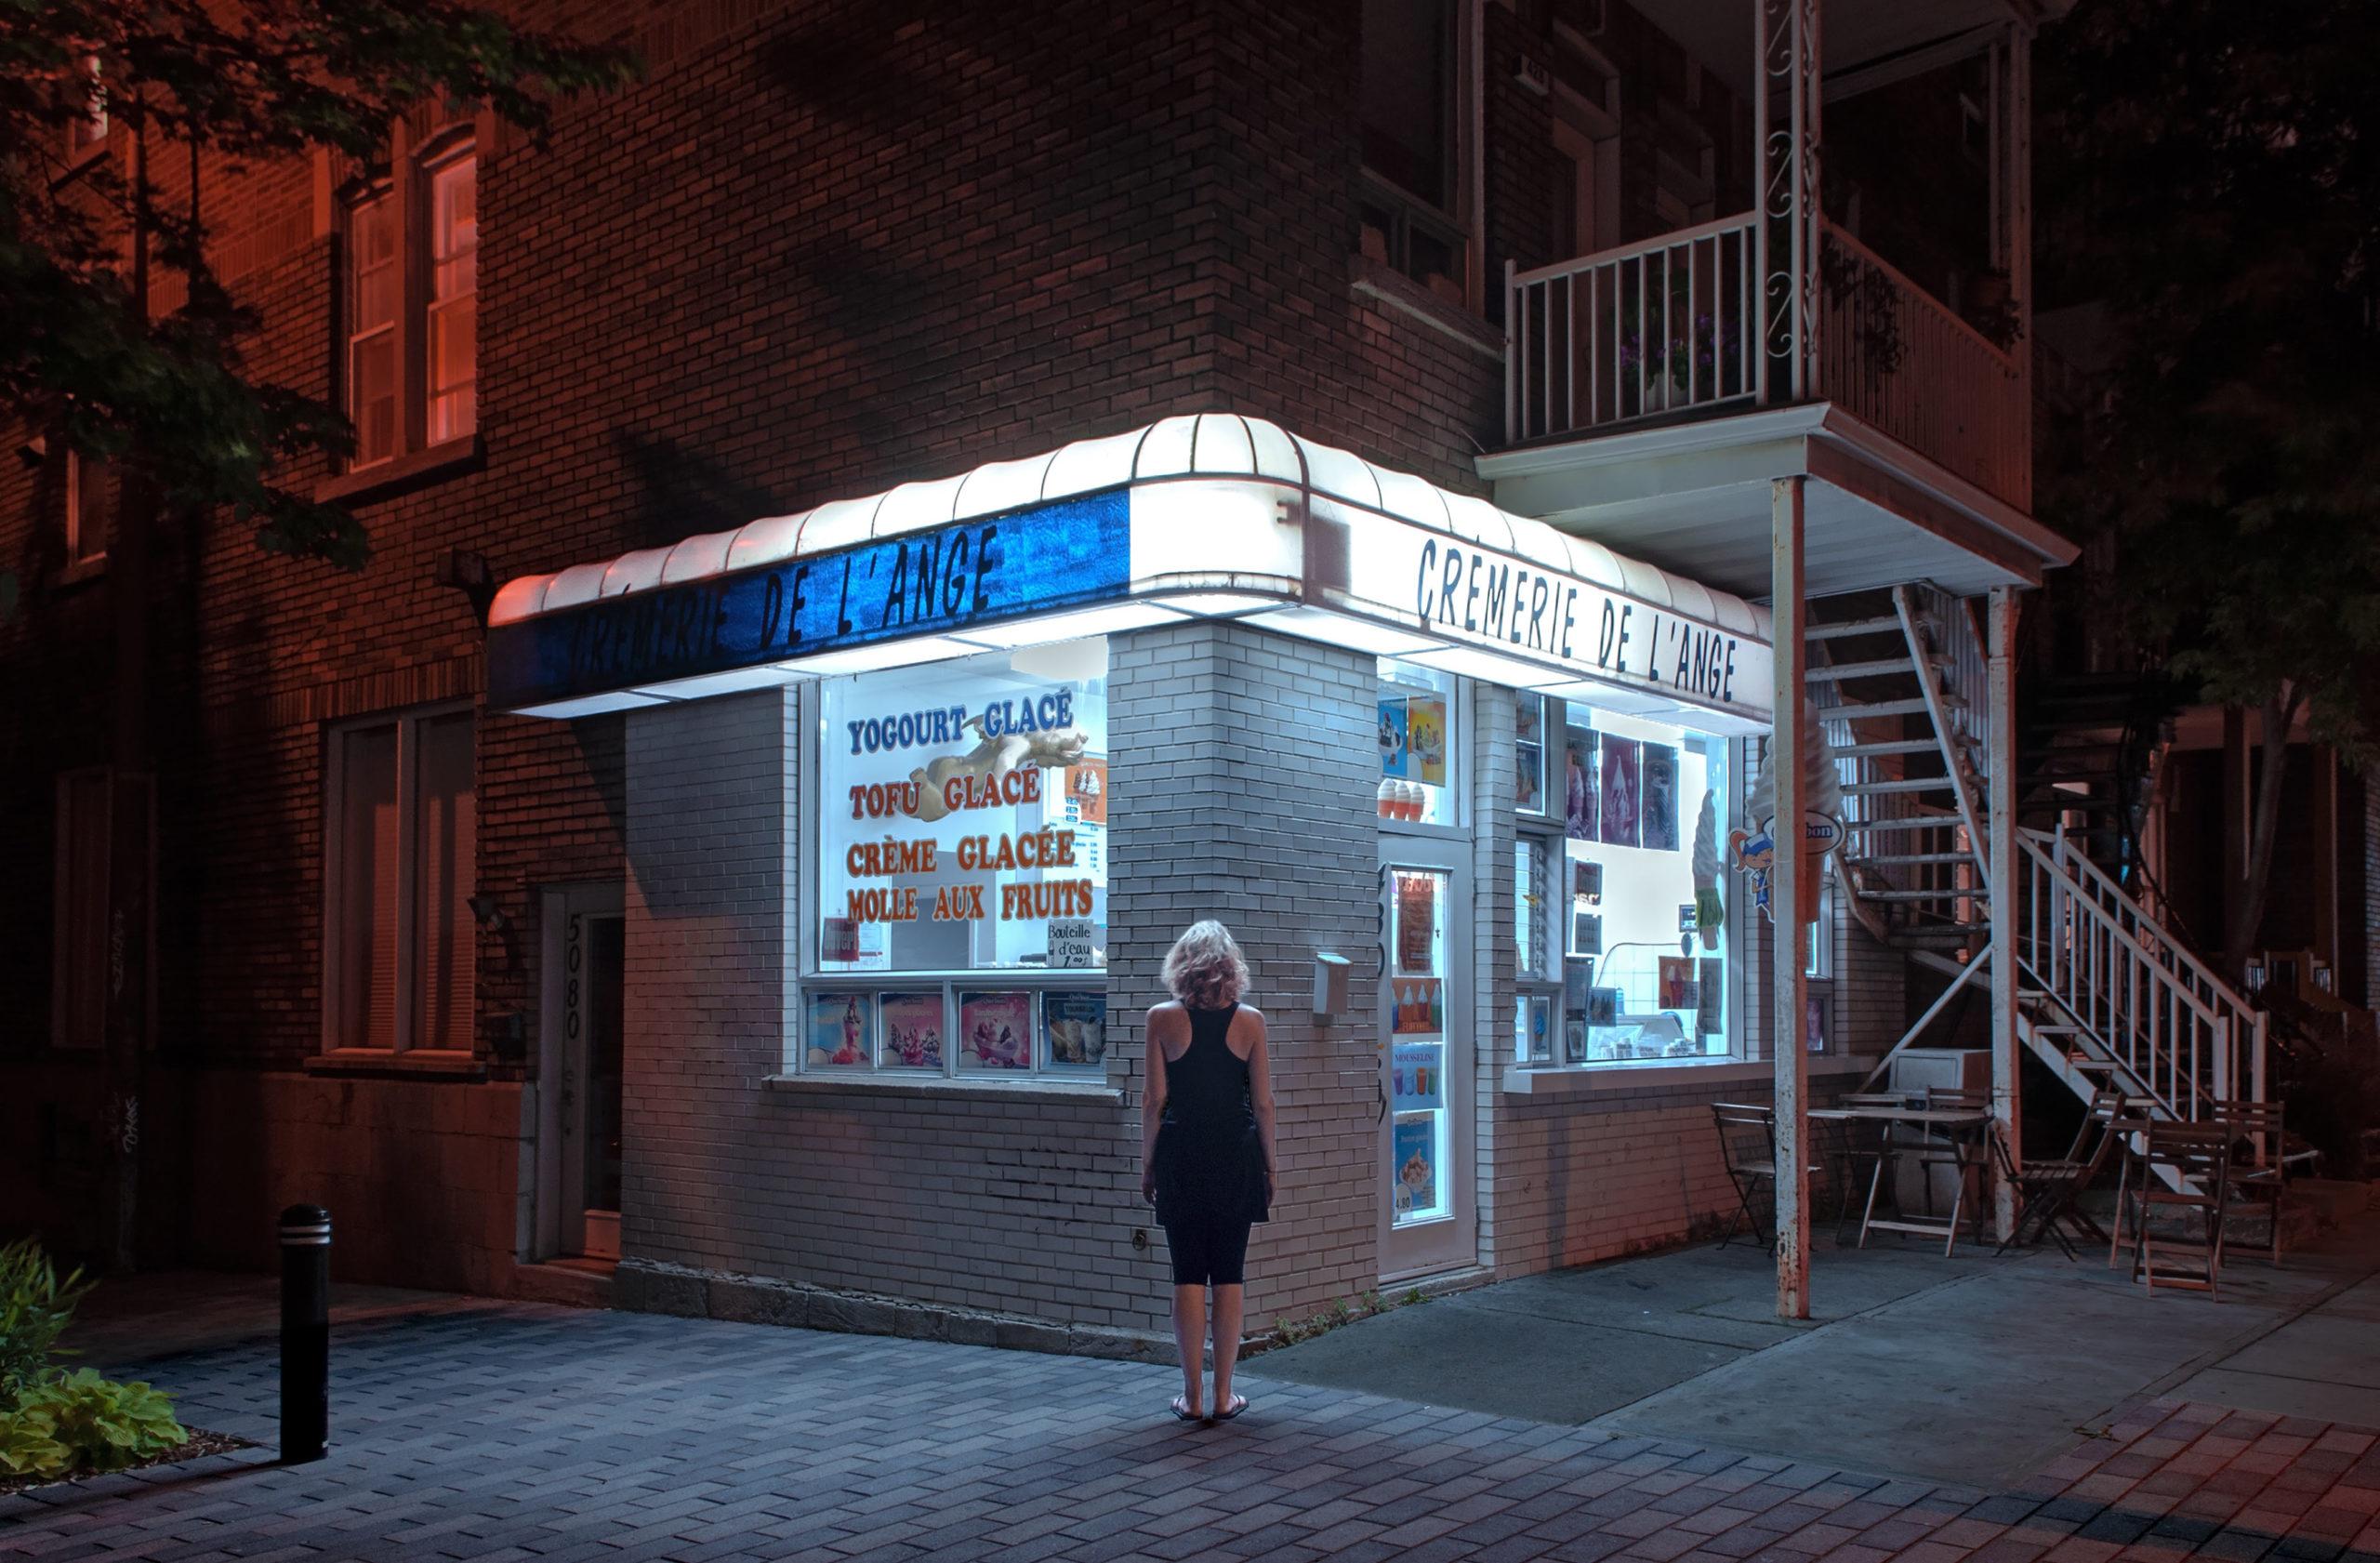 c'est la nuit - francois ollivier photographe - ORB Montreal